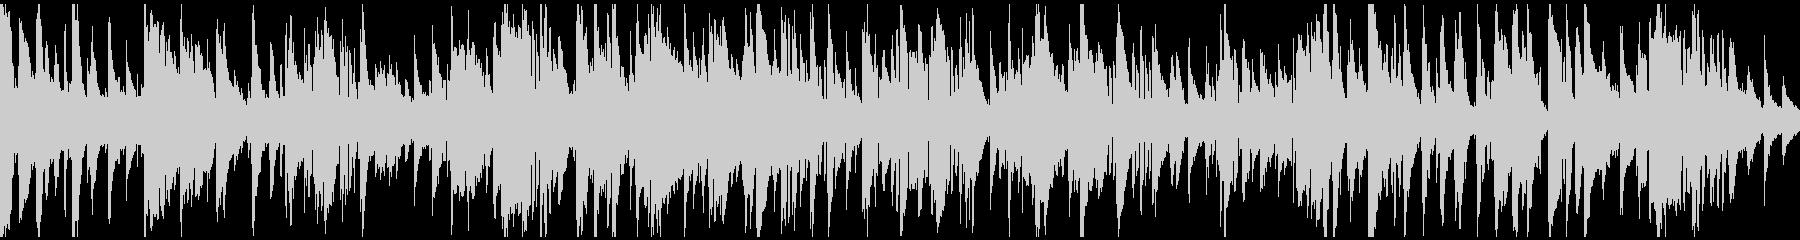 スケベ、セクシーなスロージャズ※ループ版の未再生の波形